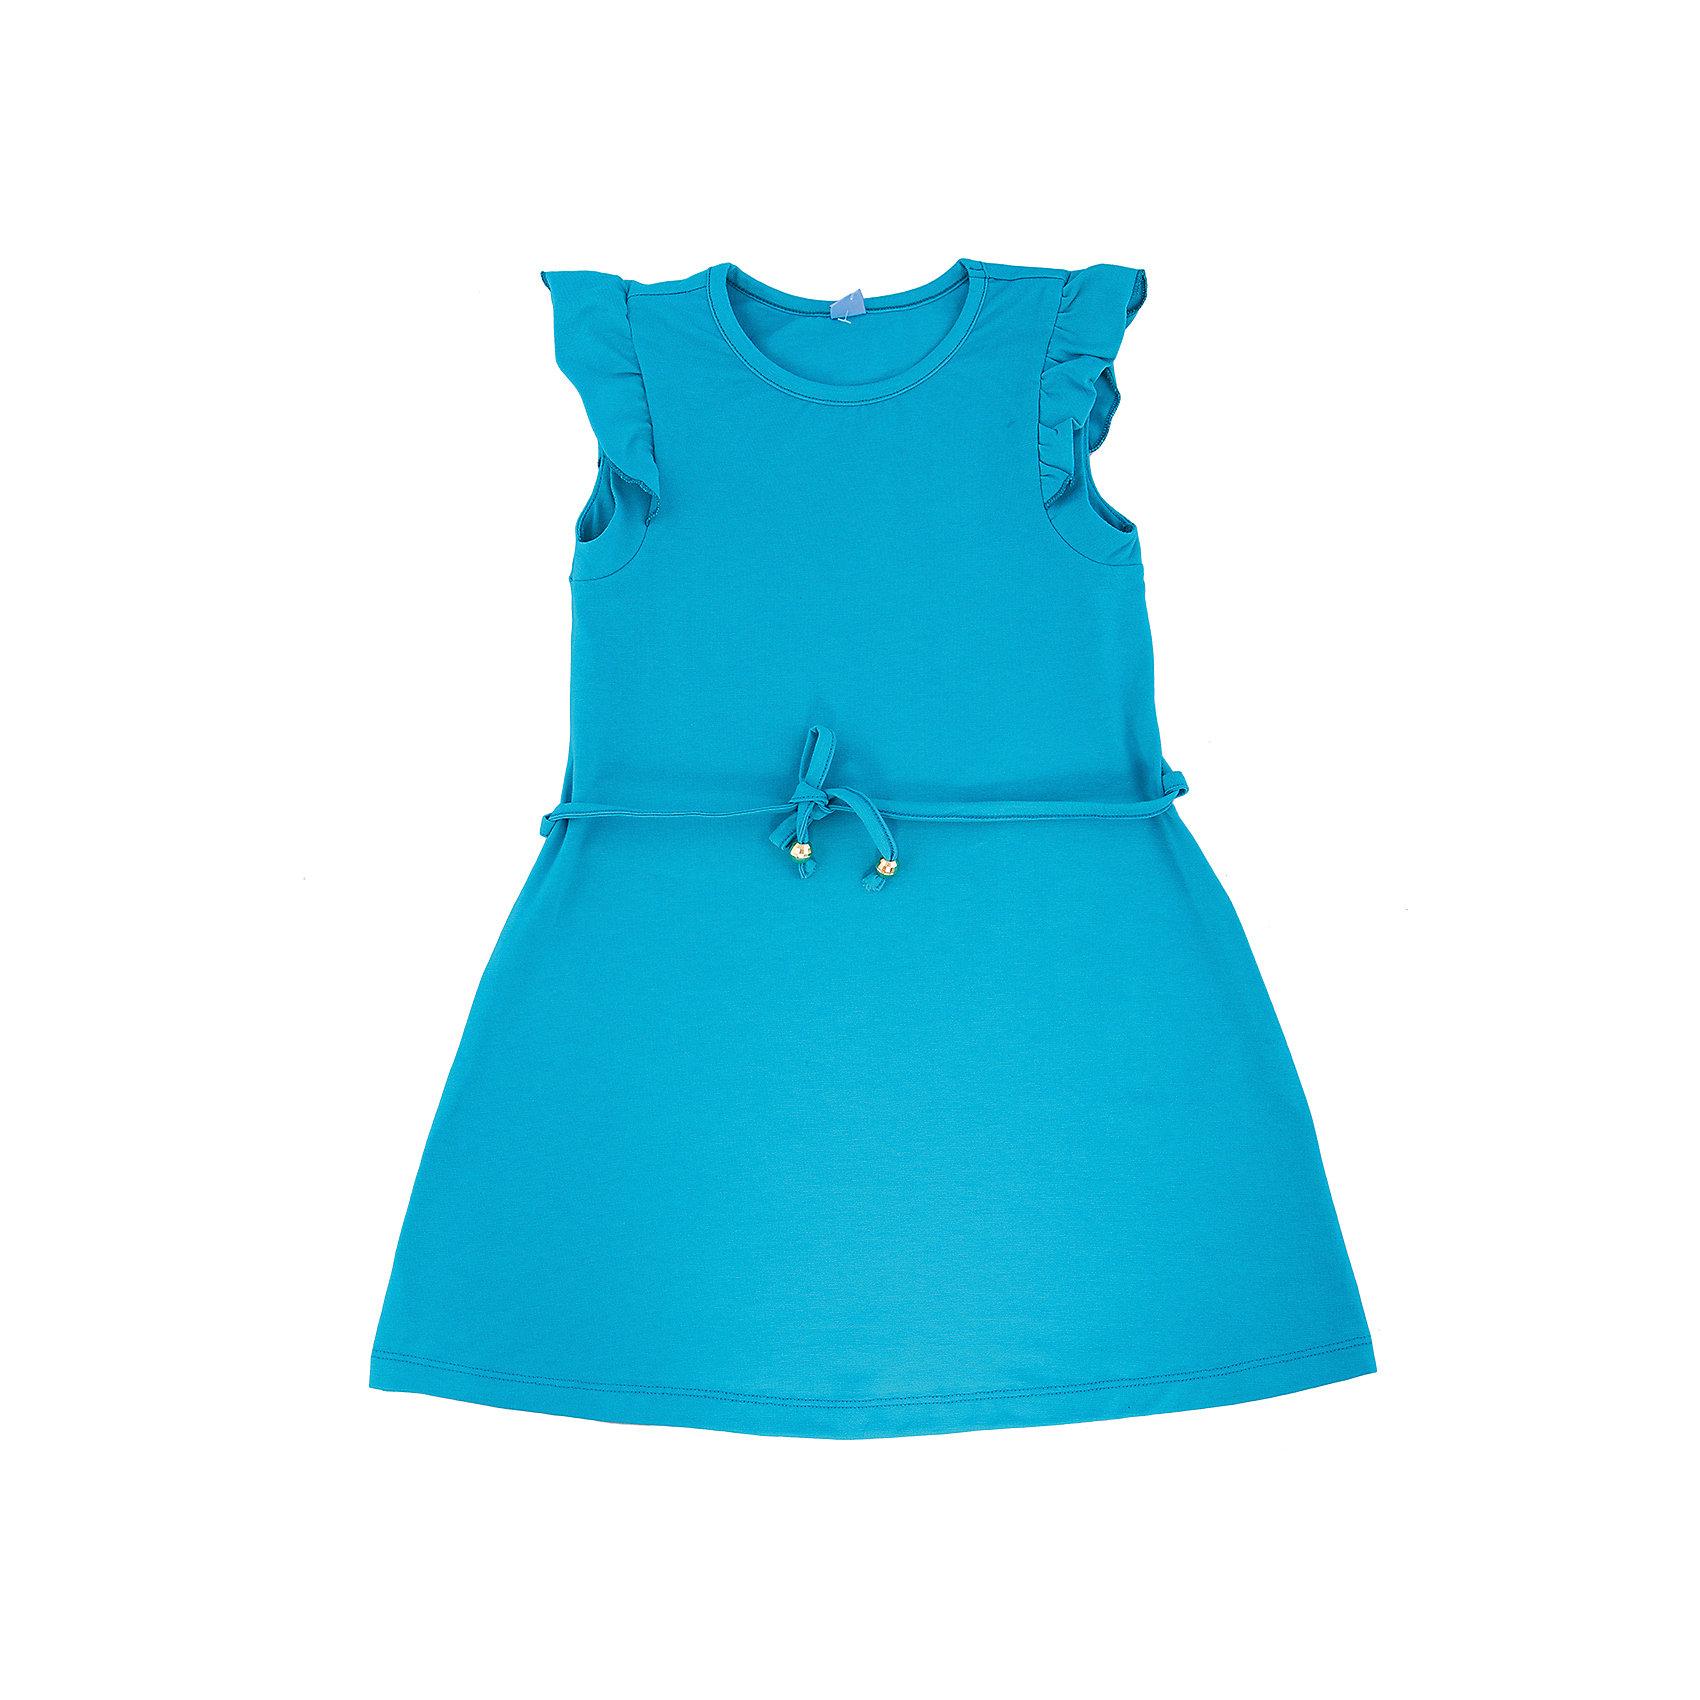 Платье для девочки DAUBERПлатья и сарафаны<br>Платье для девочки с коротким рукавом из высококачественного хлопка с  лайкрой.  Состав:95%хлопок 5%лайкра<br><br>Ширина мм: 236<br>Глубина мм: 16<br>Высота мм: 184<br>Вес г: 177<br>Цвет: бирюзовый<br>Возраст от месяцев: 156<br>Возраст до месяцев: 168<br>Пол: Женский<br>Возраст: Детский<br>Размер: 164,140,122,128,134,146,152,158<br>SKU: 4631031